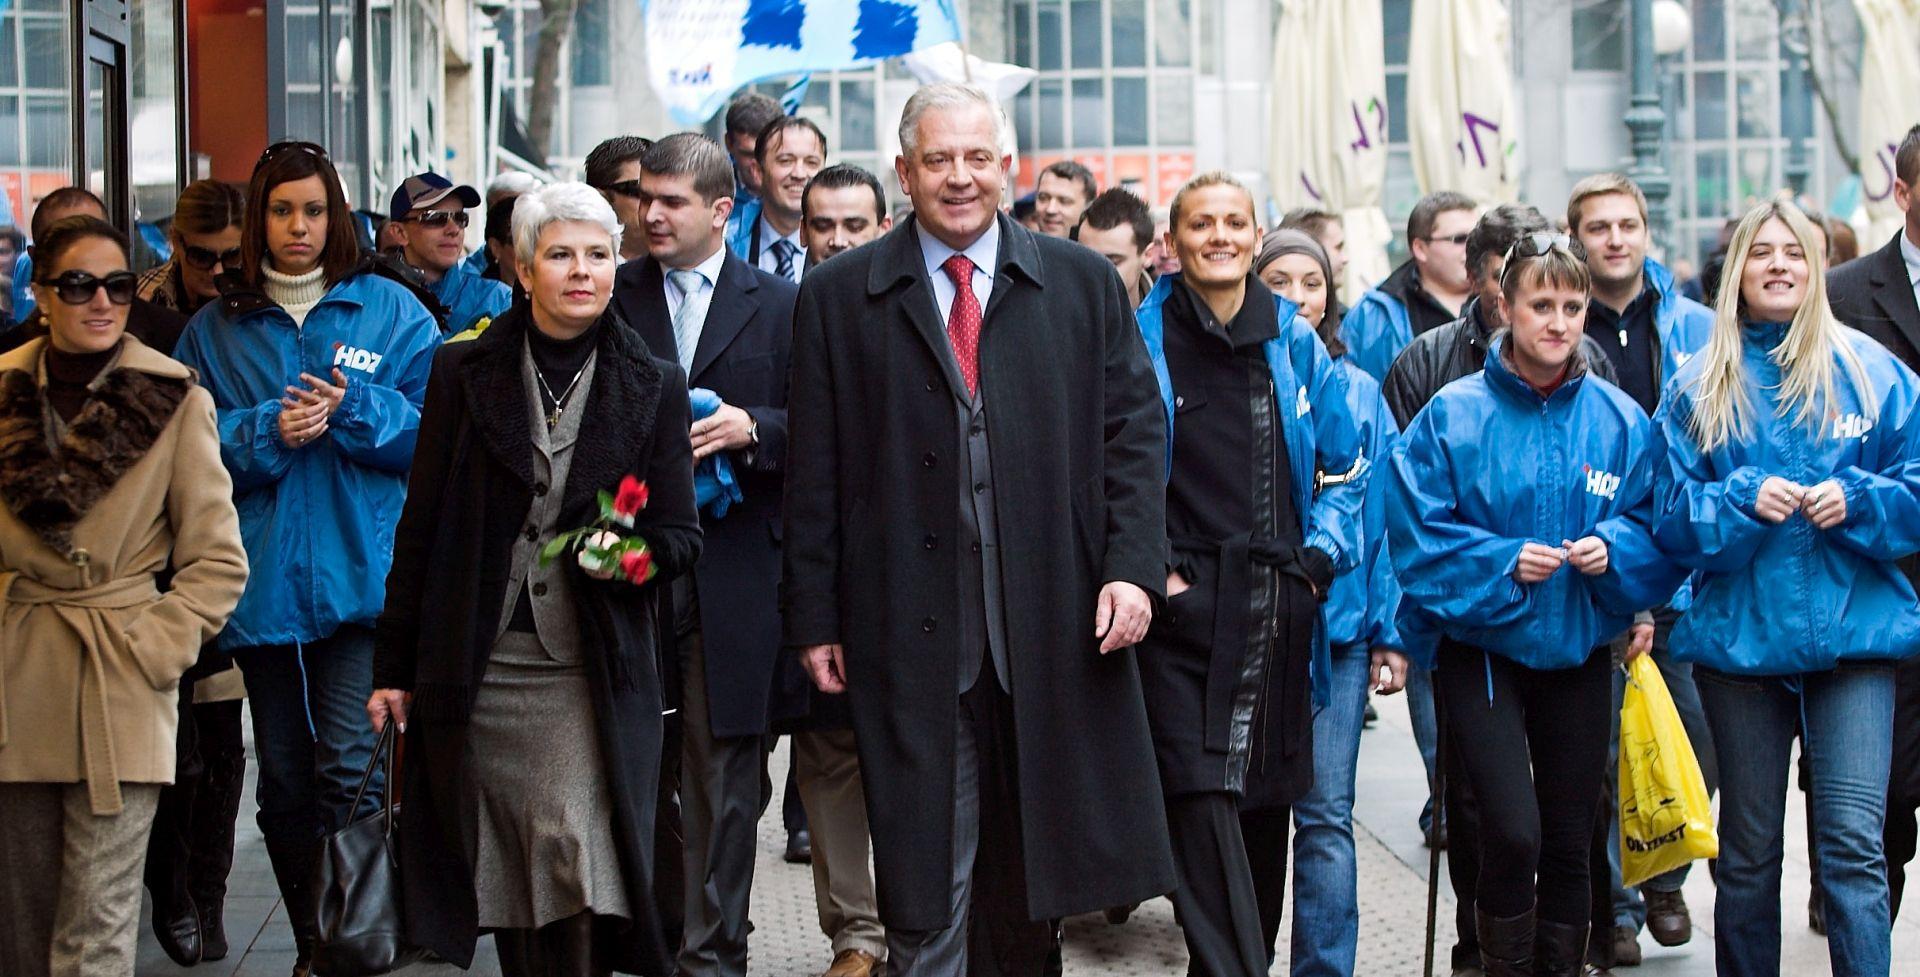 Unutarstranačka demokracija u Hrvatskoj porazno niska